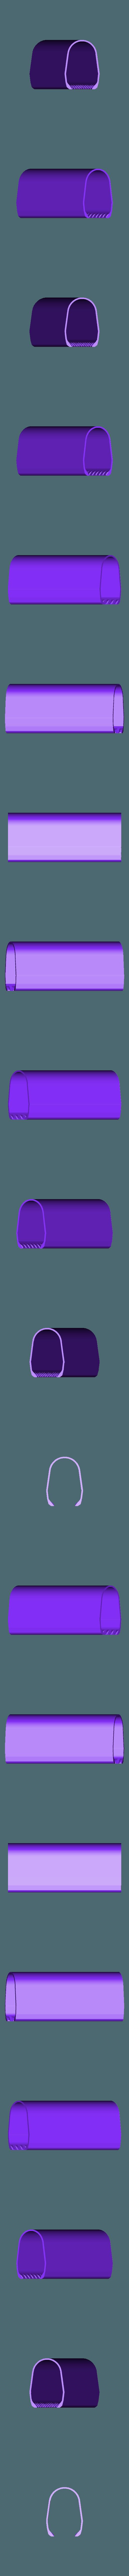 Battery_Charger_Cover.stl Télécharger fichier STL gratuit Couvercle du chargeur de batterie • Plan à imprimer en 3D, WalterHsiao